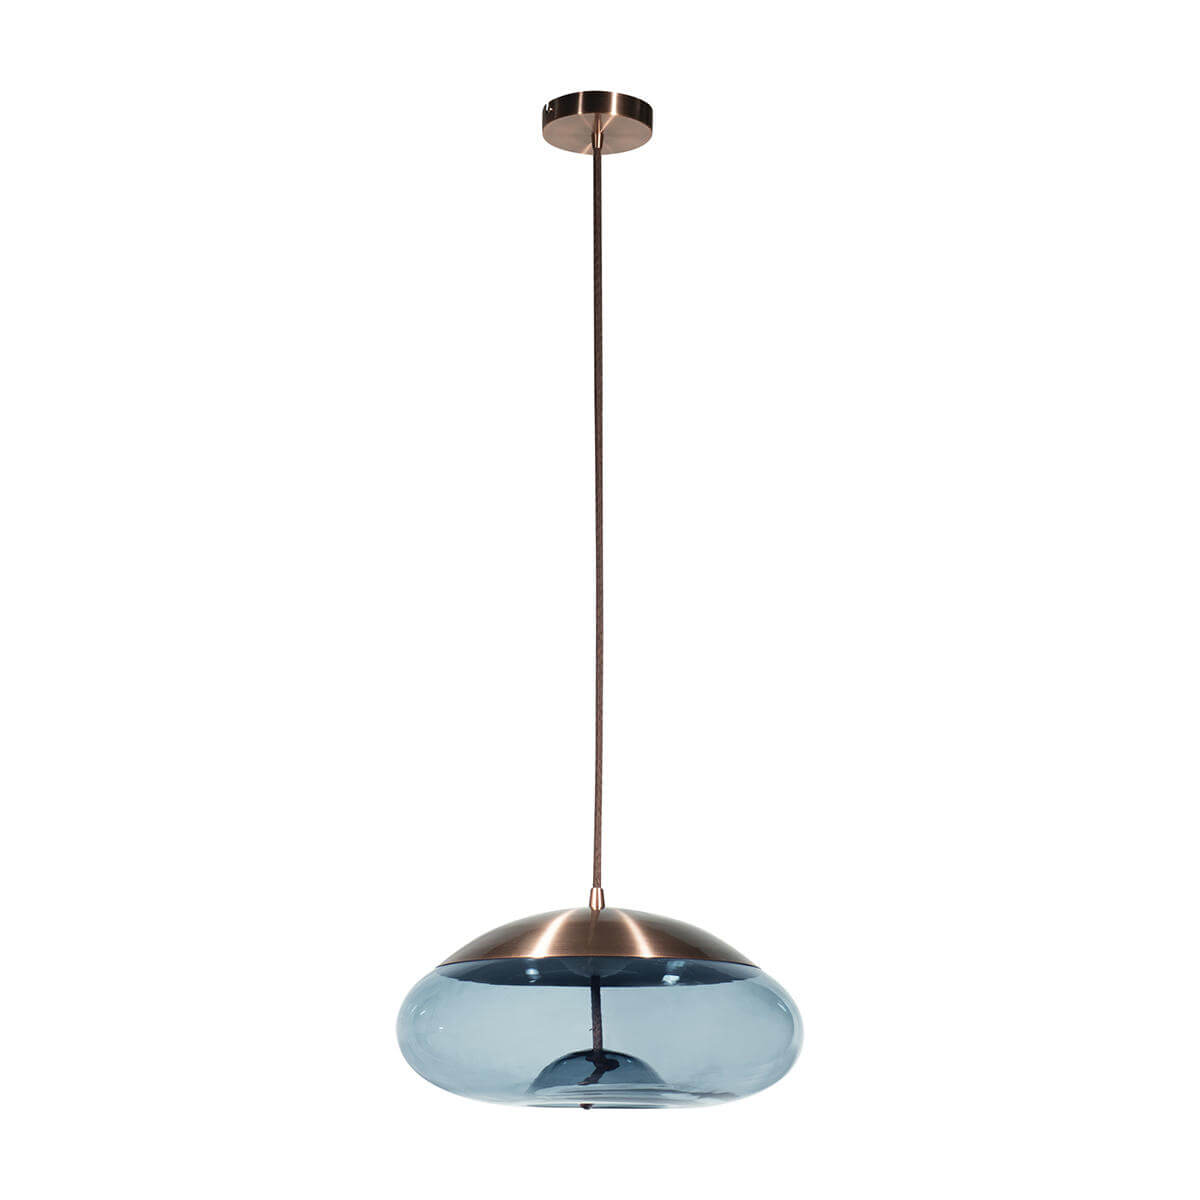 Светильник Loft IT 8133-D Knot светильник loft it 8134 b knot